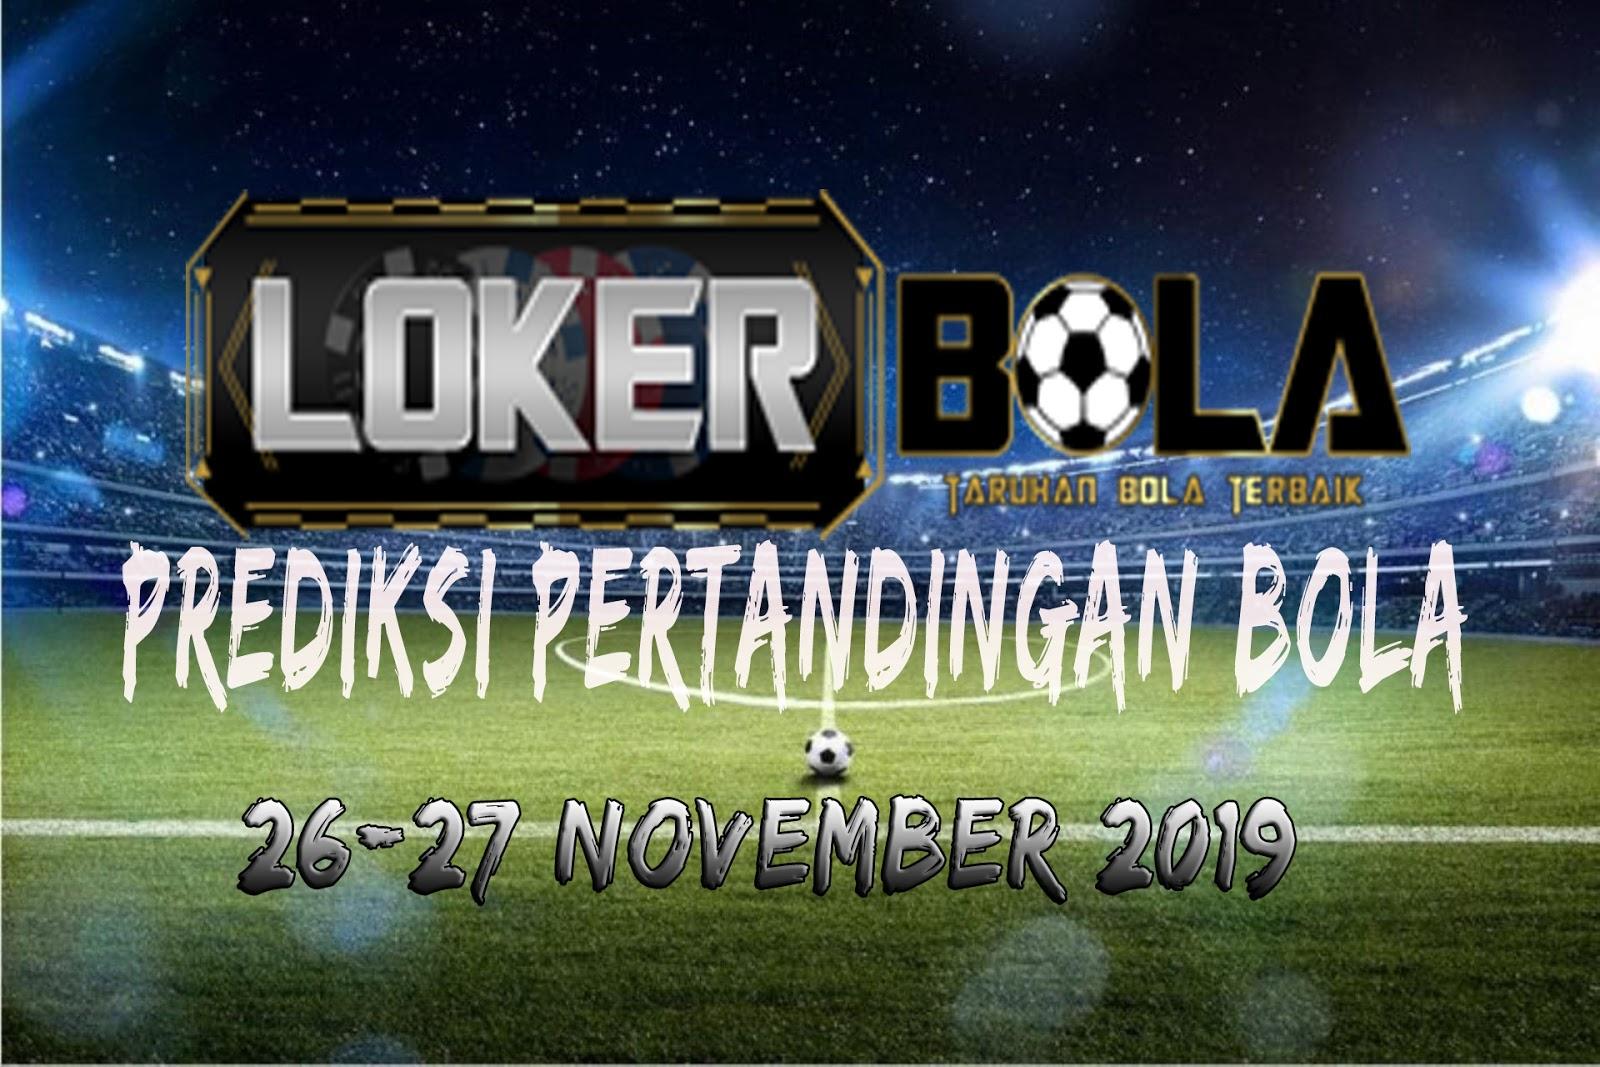 PREDIKSI PERTANDINGAN BOLA 26 – 27 NOVEMBER 2019